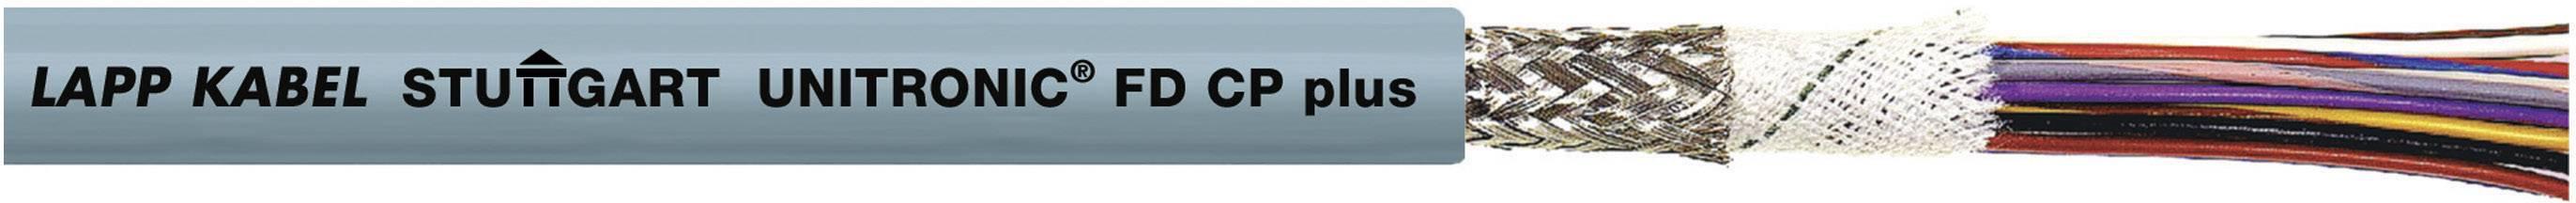 Datový kabel LappKabel UNITRONIC FD CP PLUS 7X0,25 (0028893), 7x 0,25 mm², Ø 6,7 mm, stíněný, 300 m, šedá